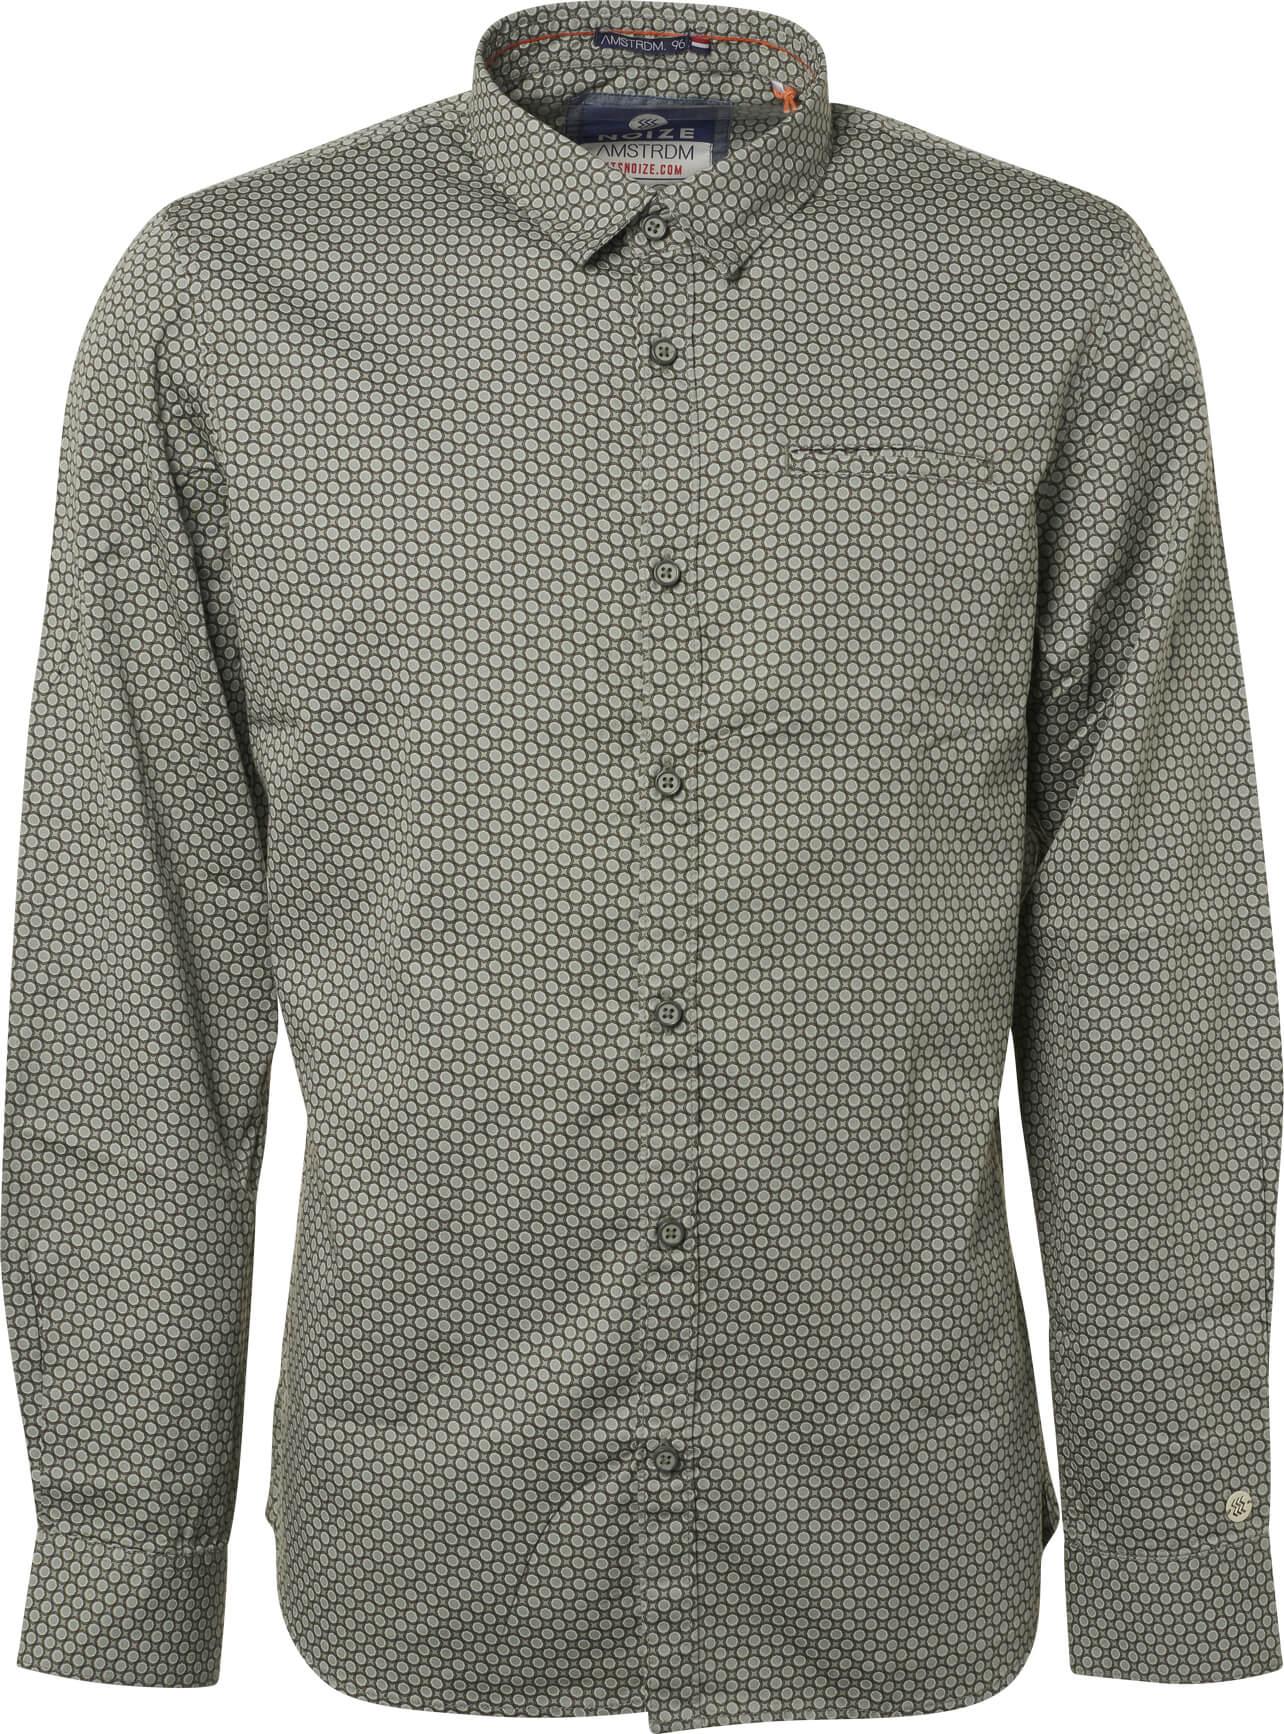 Noize Pánská košile Smoke Green 4746110-00-155  df9f066a7c